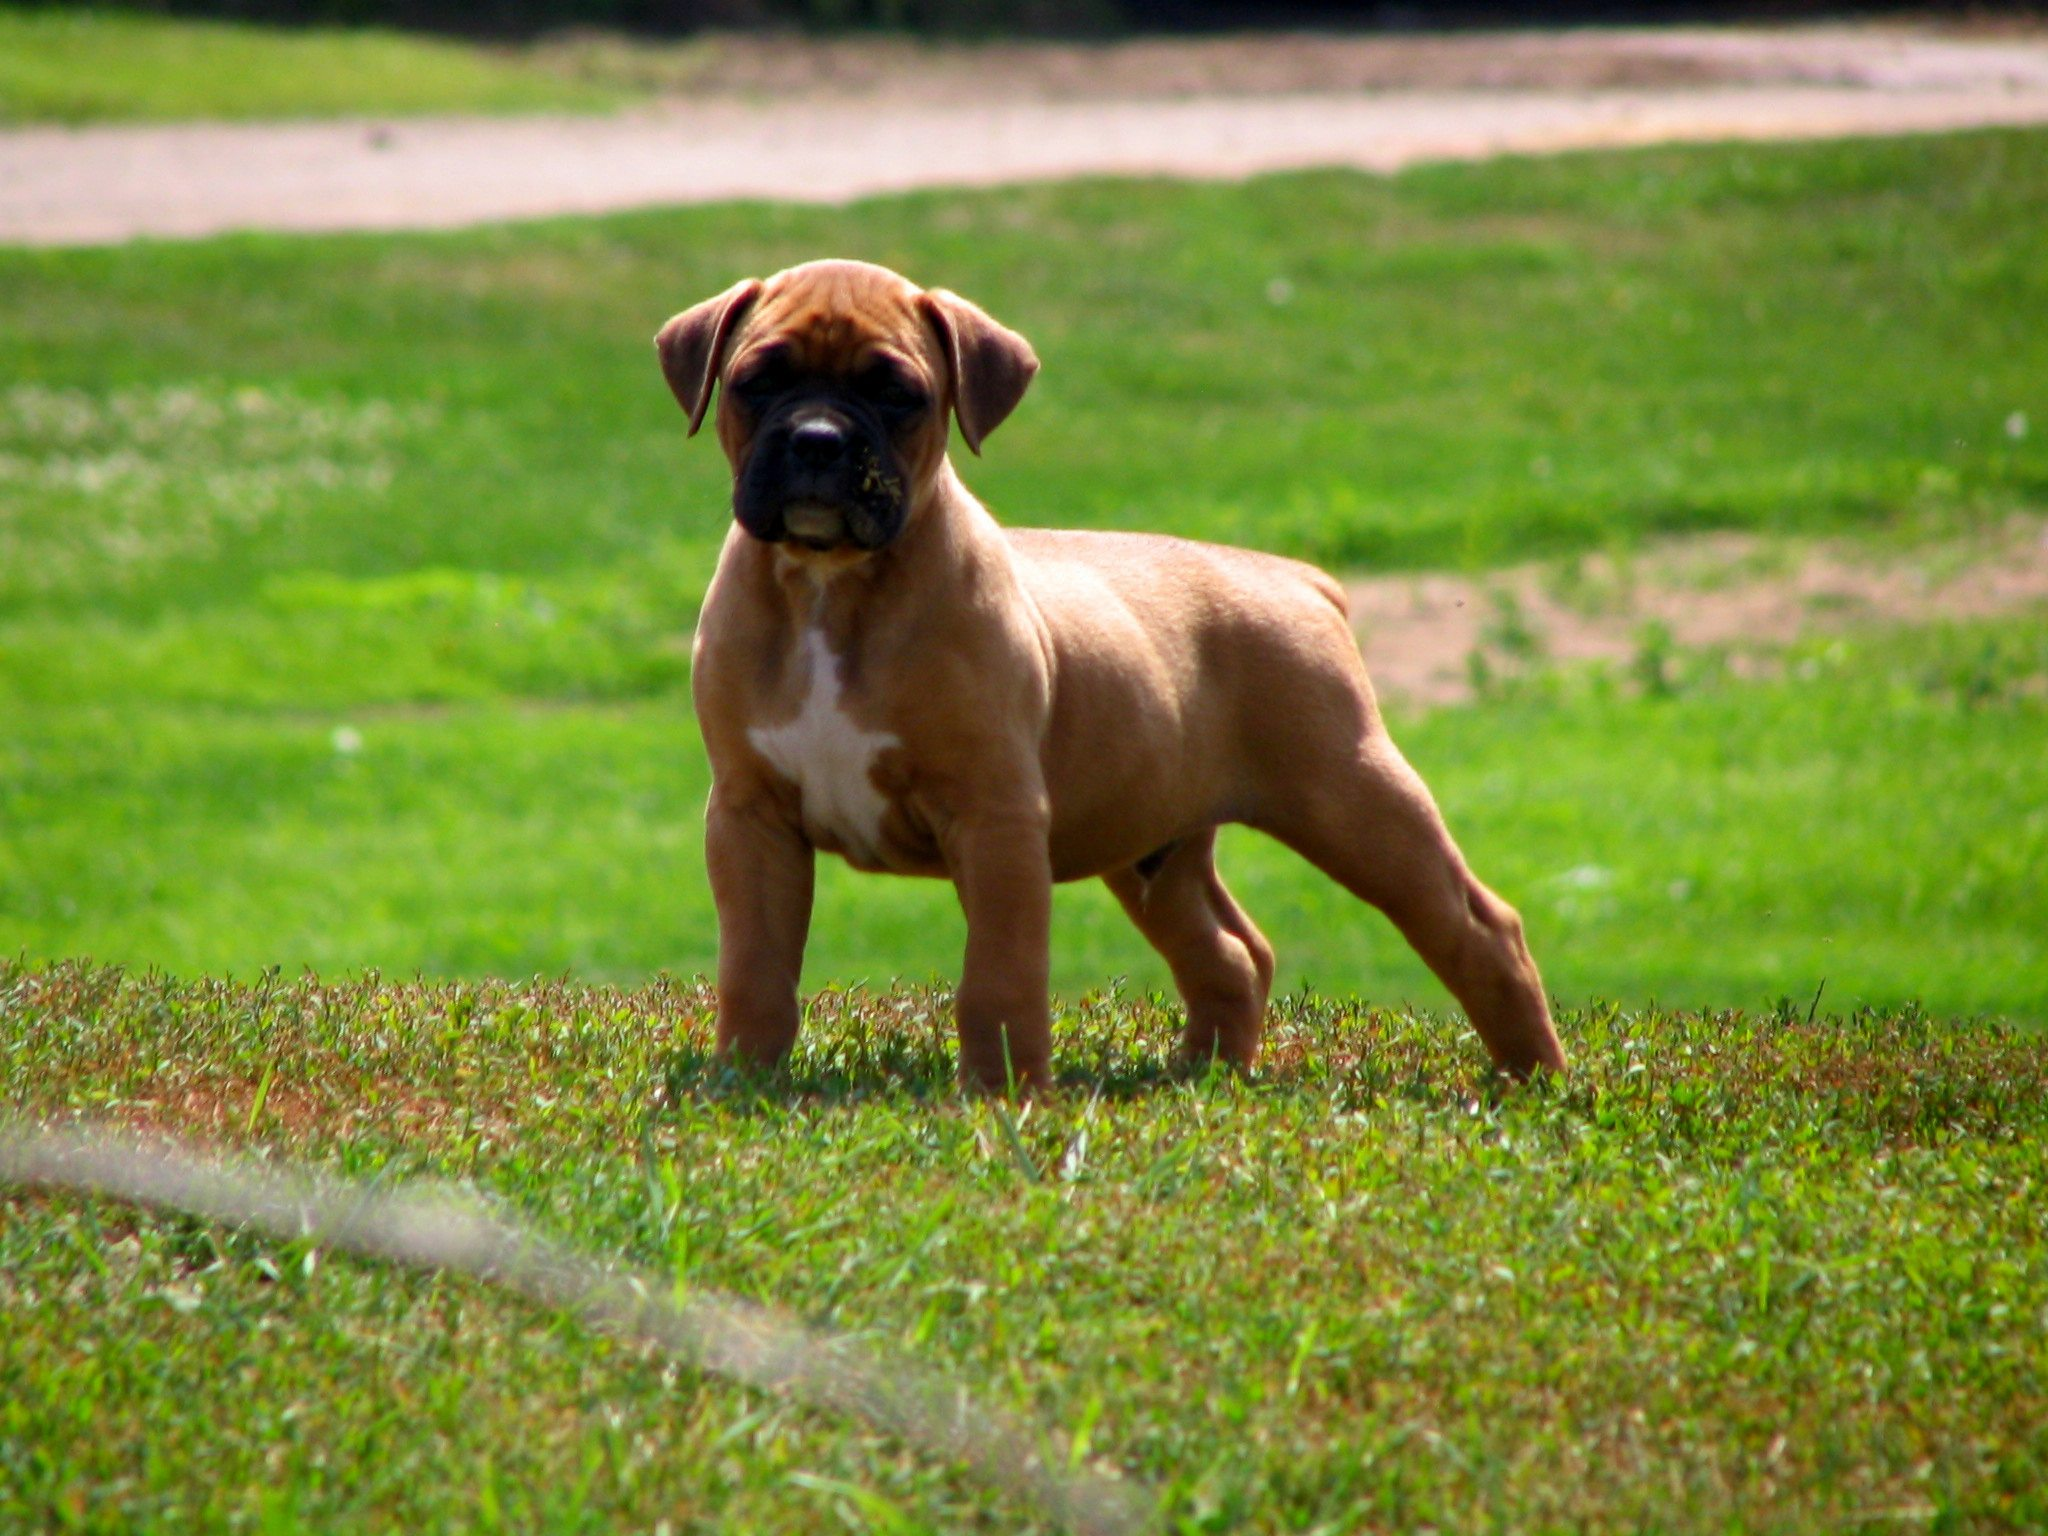 Mean boxer dog